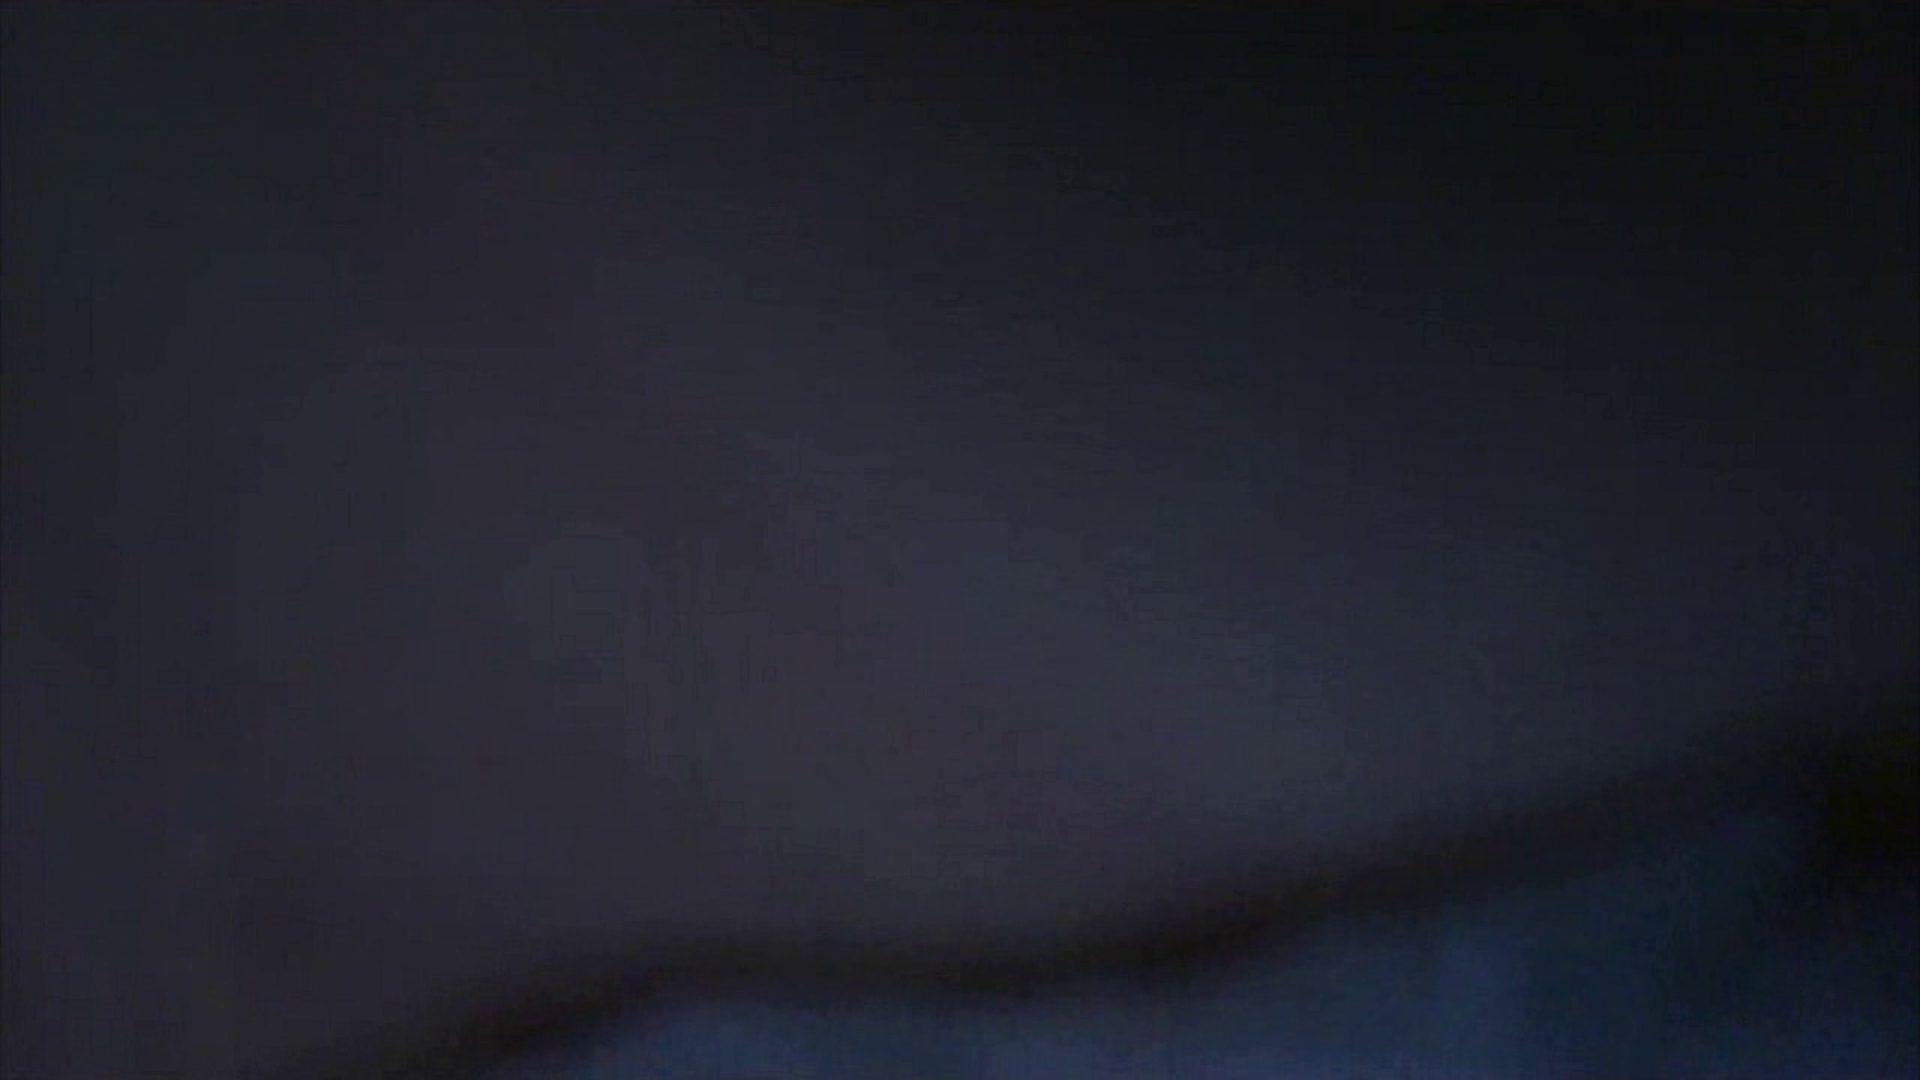 vol.6 -後編-ユリナちゃん妊娠したら責任取るからね・・・【MKB44位】 いじくり 濡れ場動画紹介 100画像 39